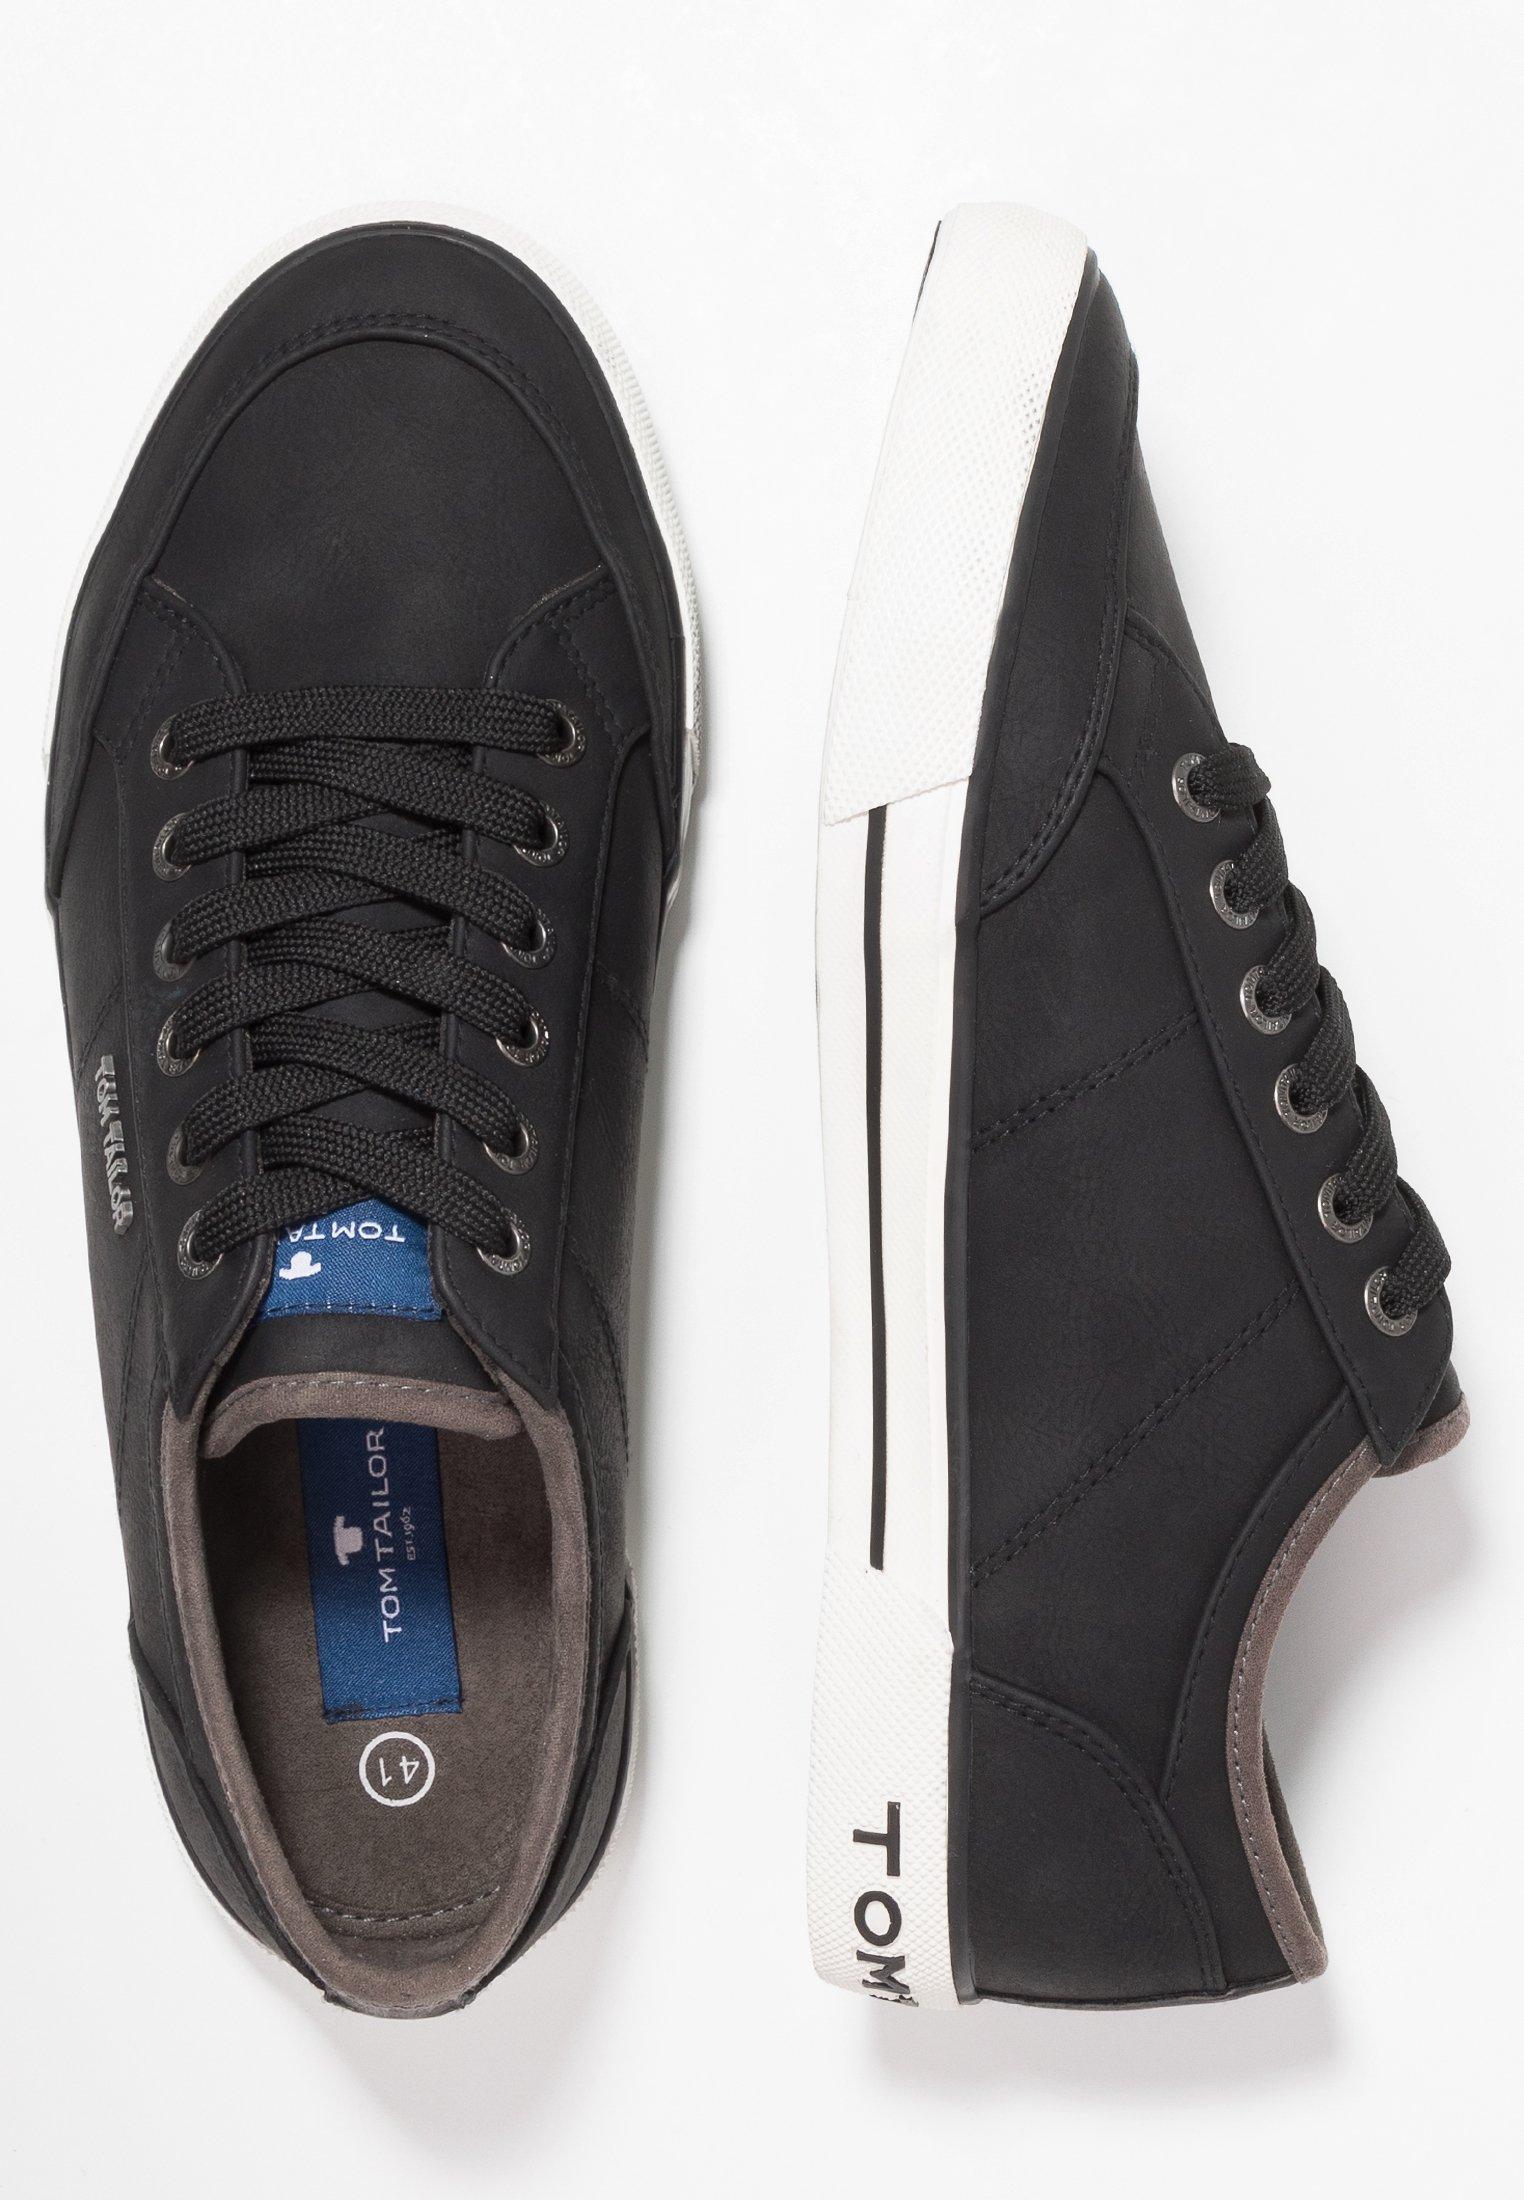 Tom Tailor Sneakers Laag - Black Goedkope Schoenen